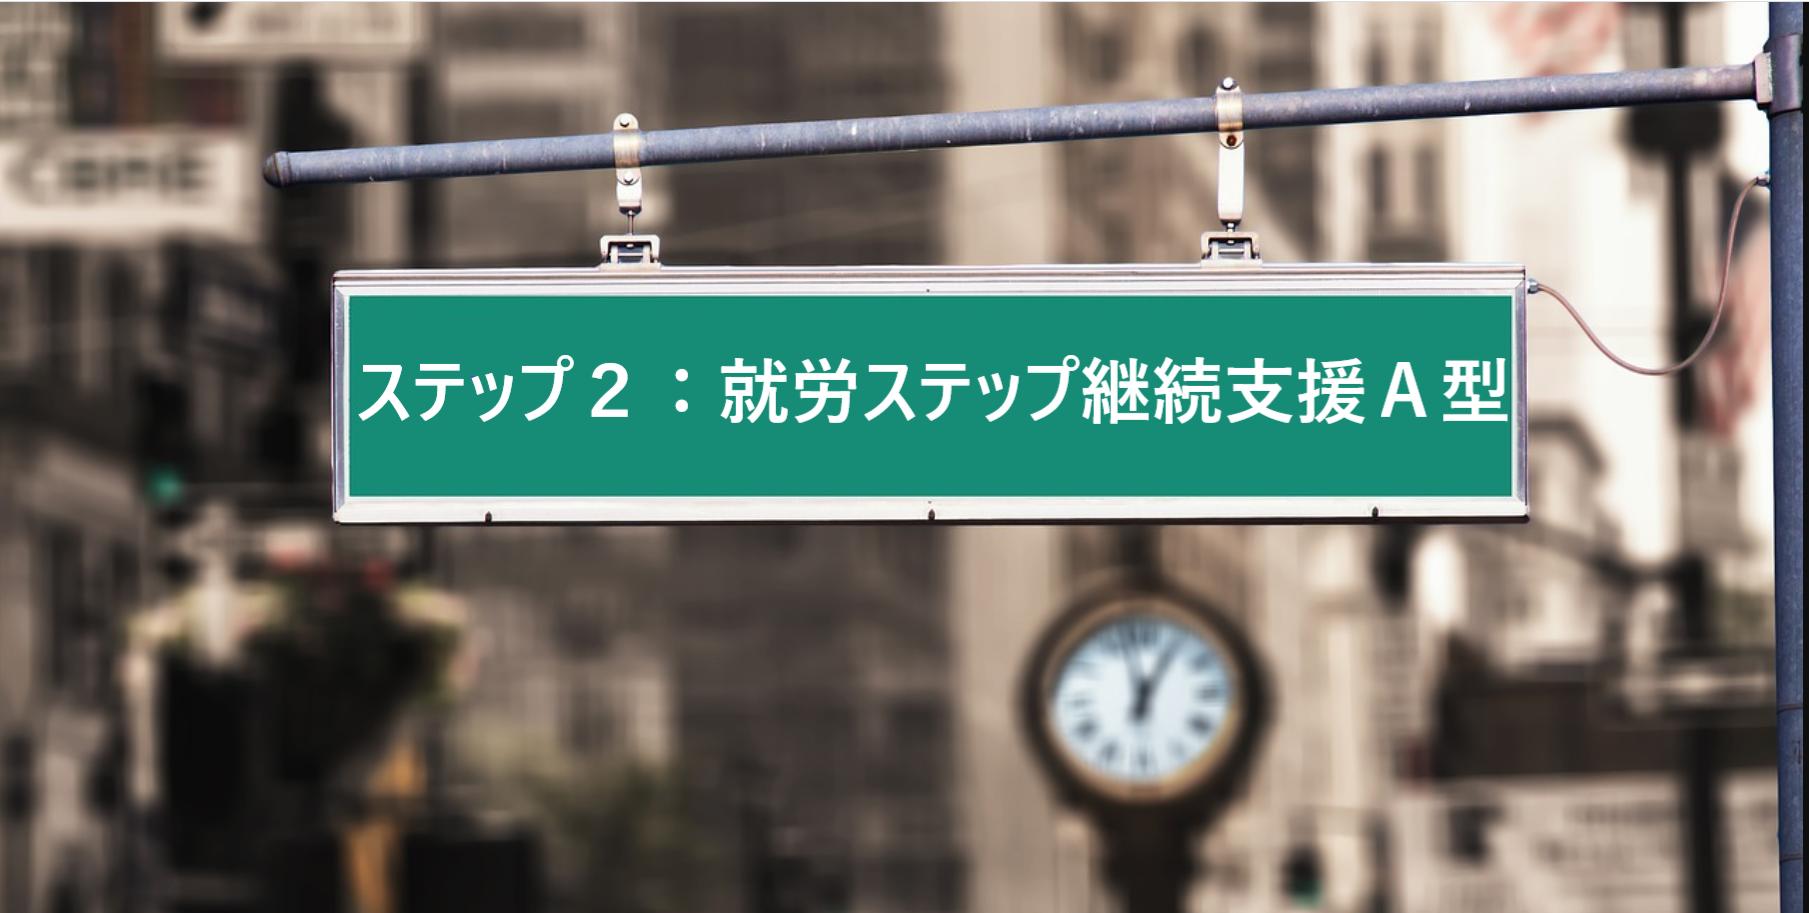 ステップ2:就労ステップ継続支援A型